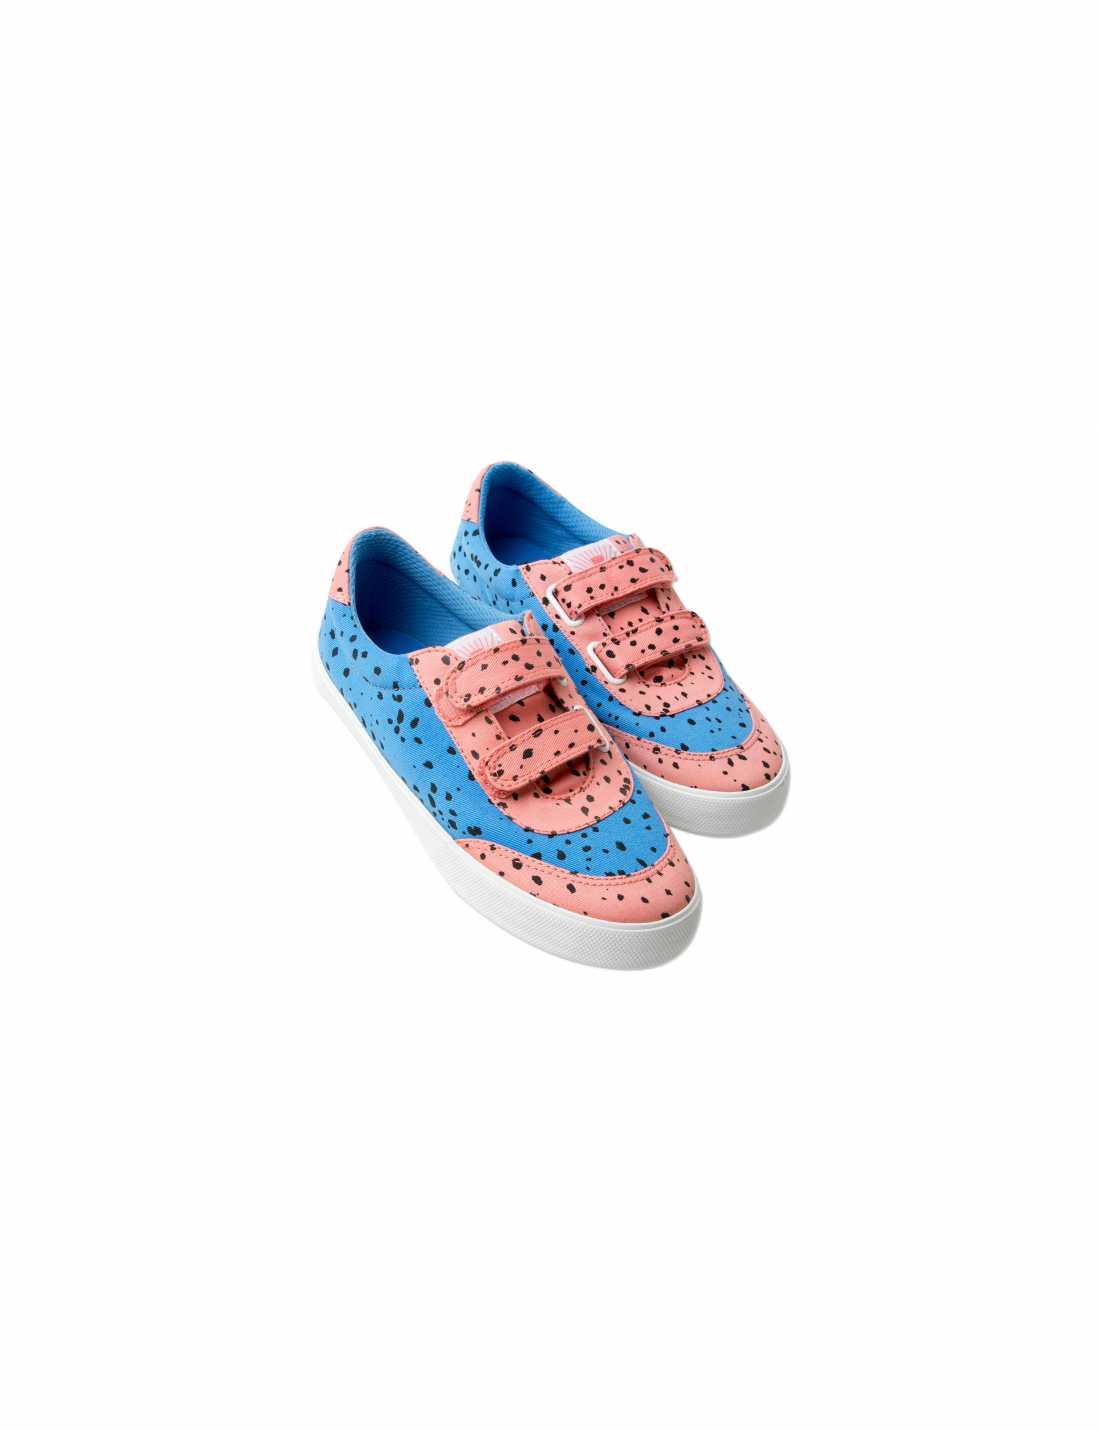 Spot Sneakers